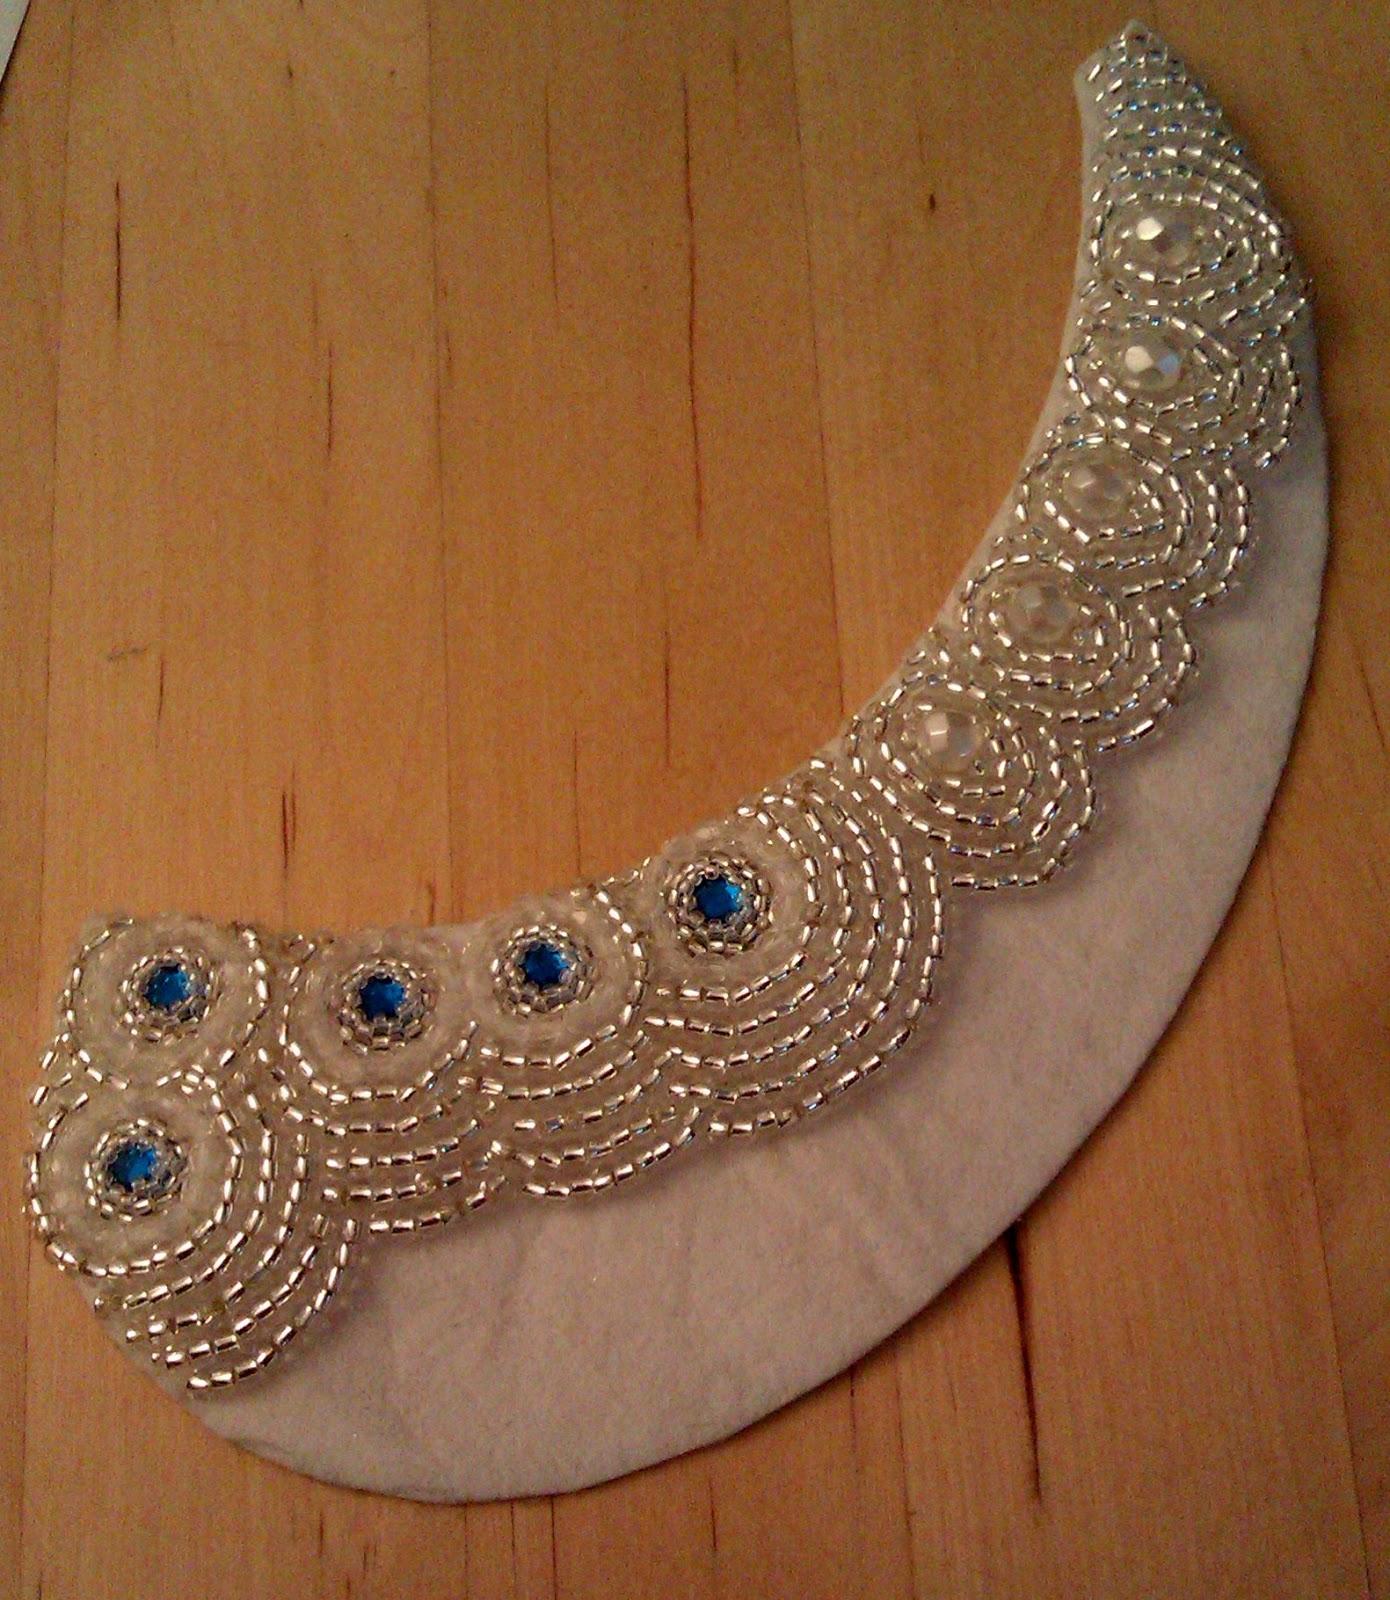 Diy Beads: Hollybird Beads: A Beady DIY Fashion Project